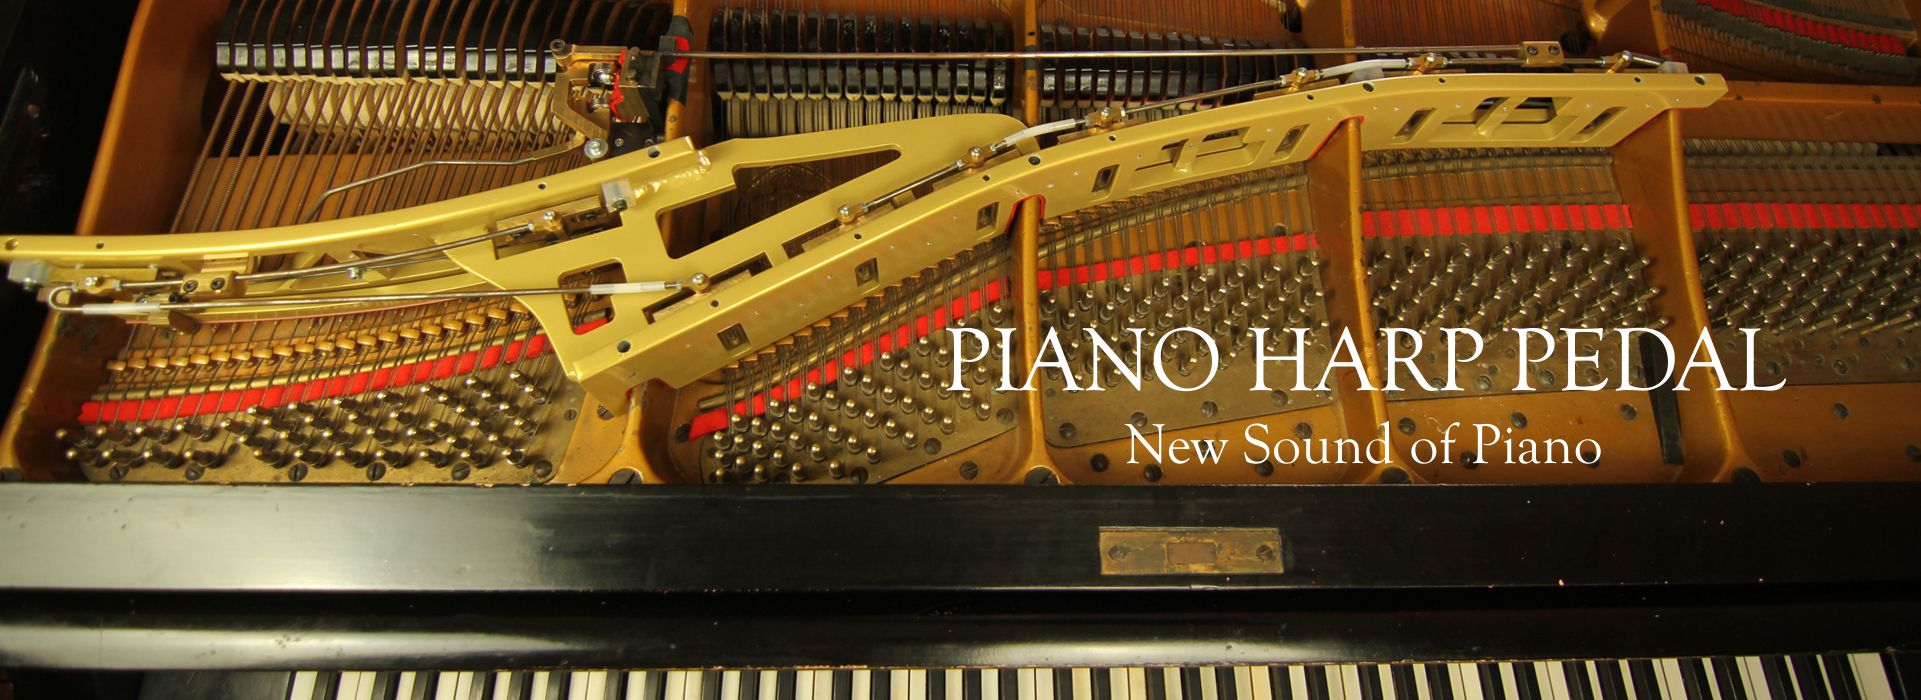 Piano Harp Pedal